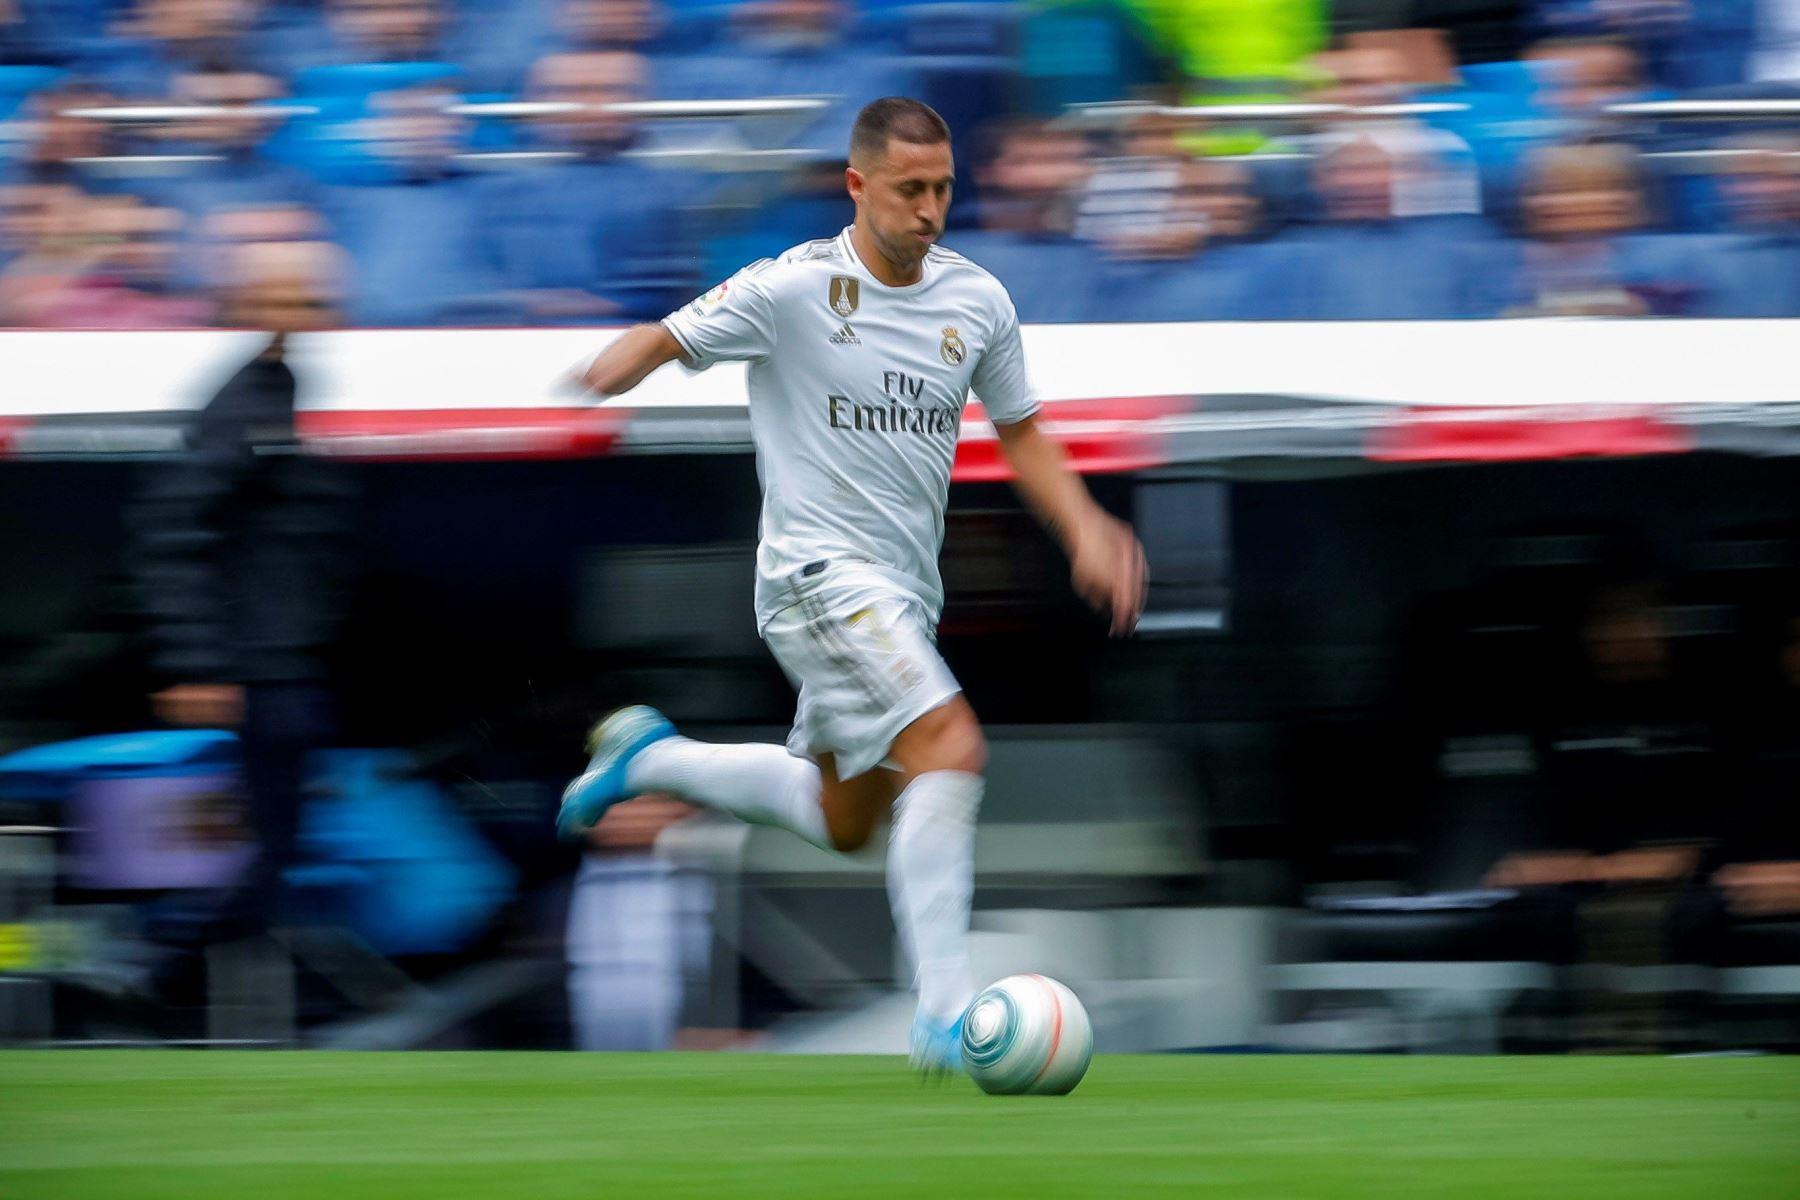 El delantero belga del Real Madrid Eden Hazard durante el partido ante el Levante. Foto: EFE